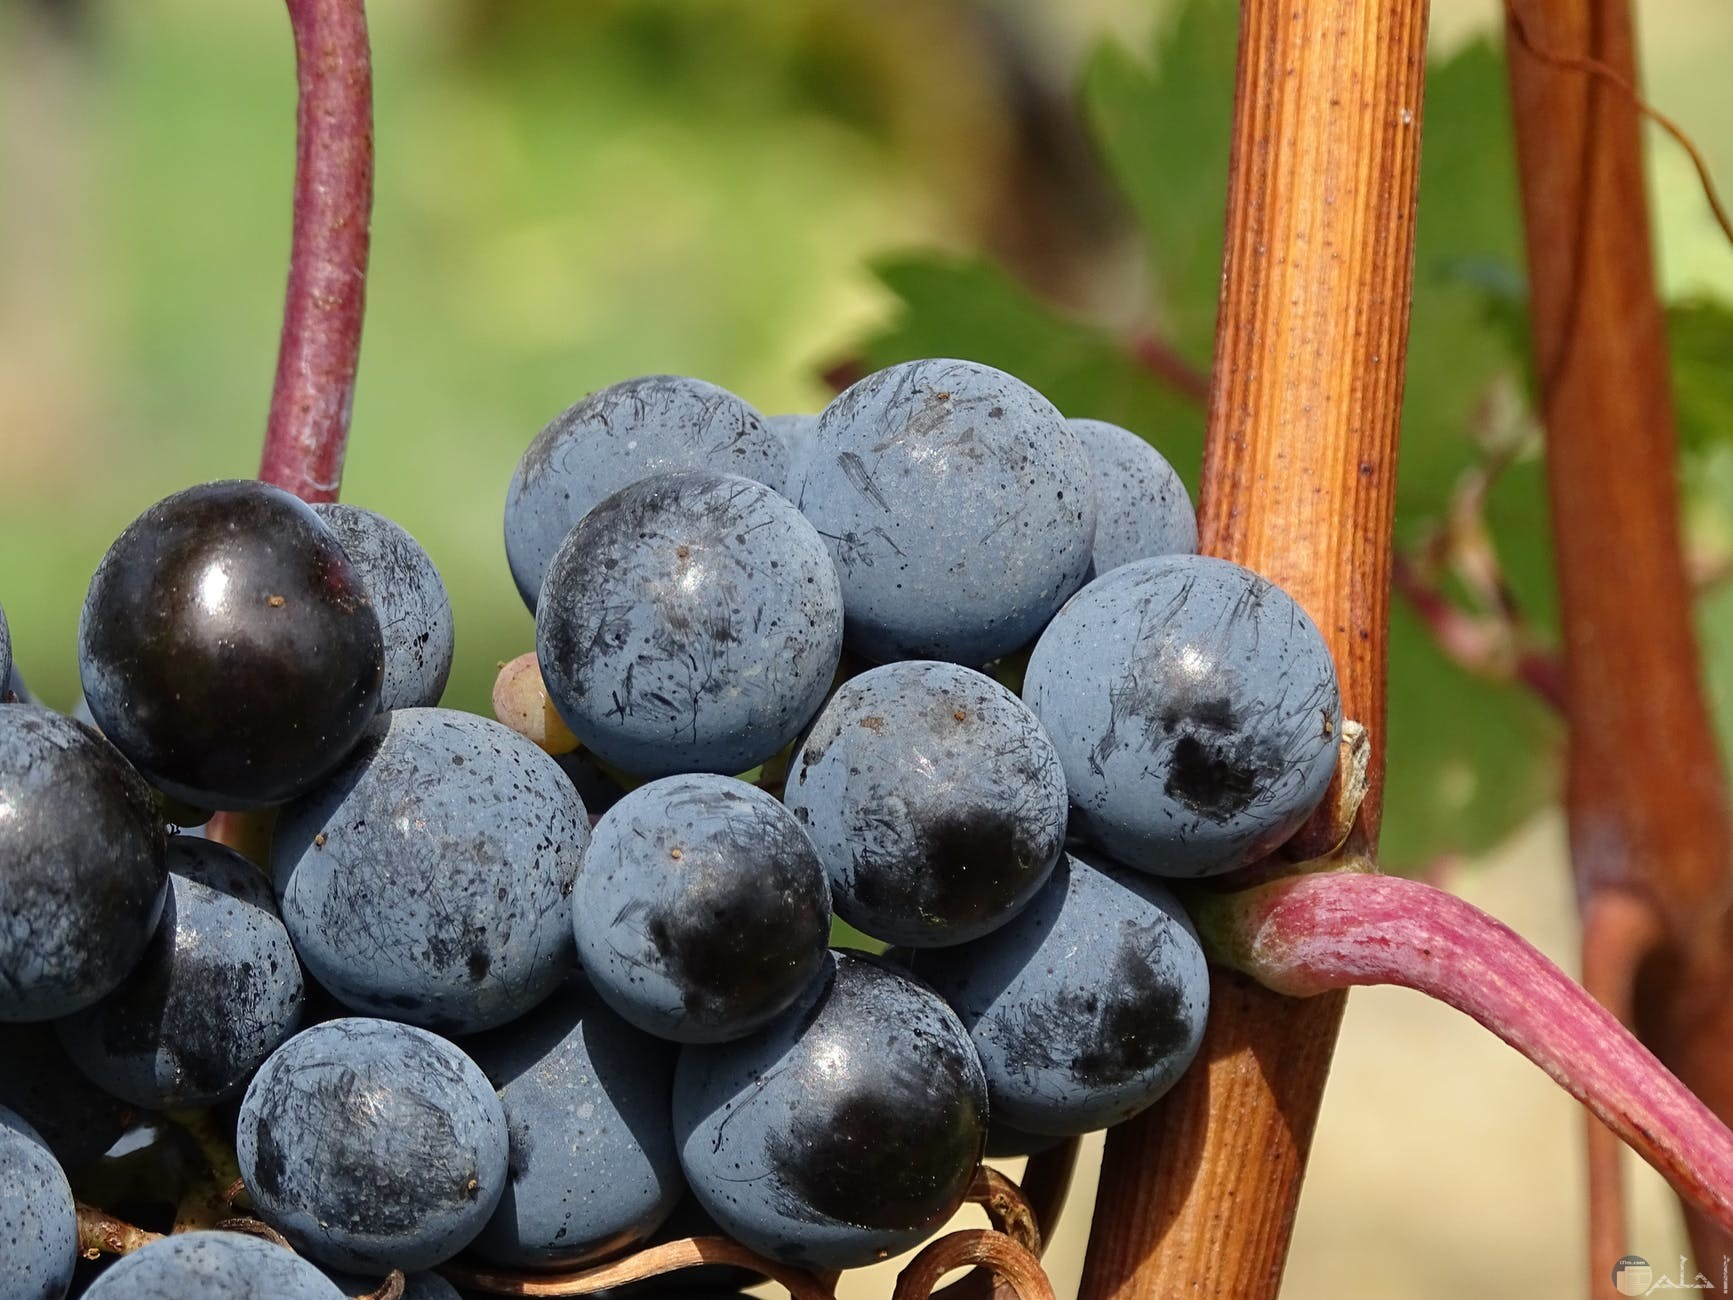 العنب الاحمر المفيد جدا